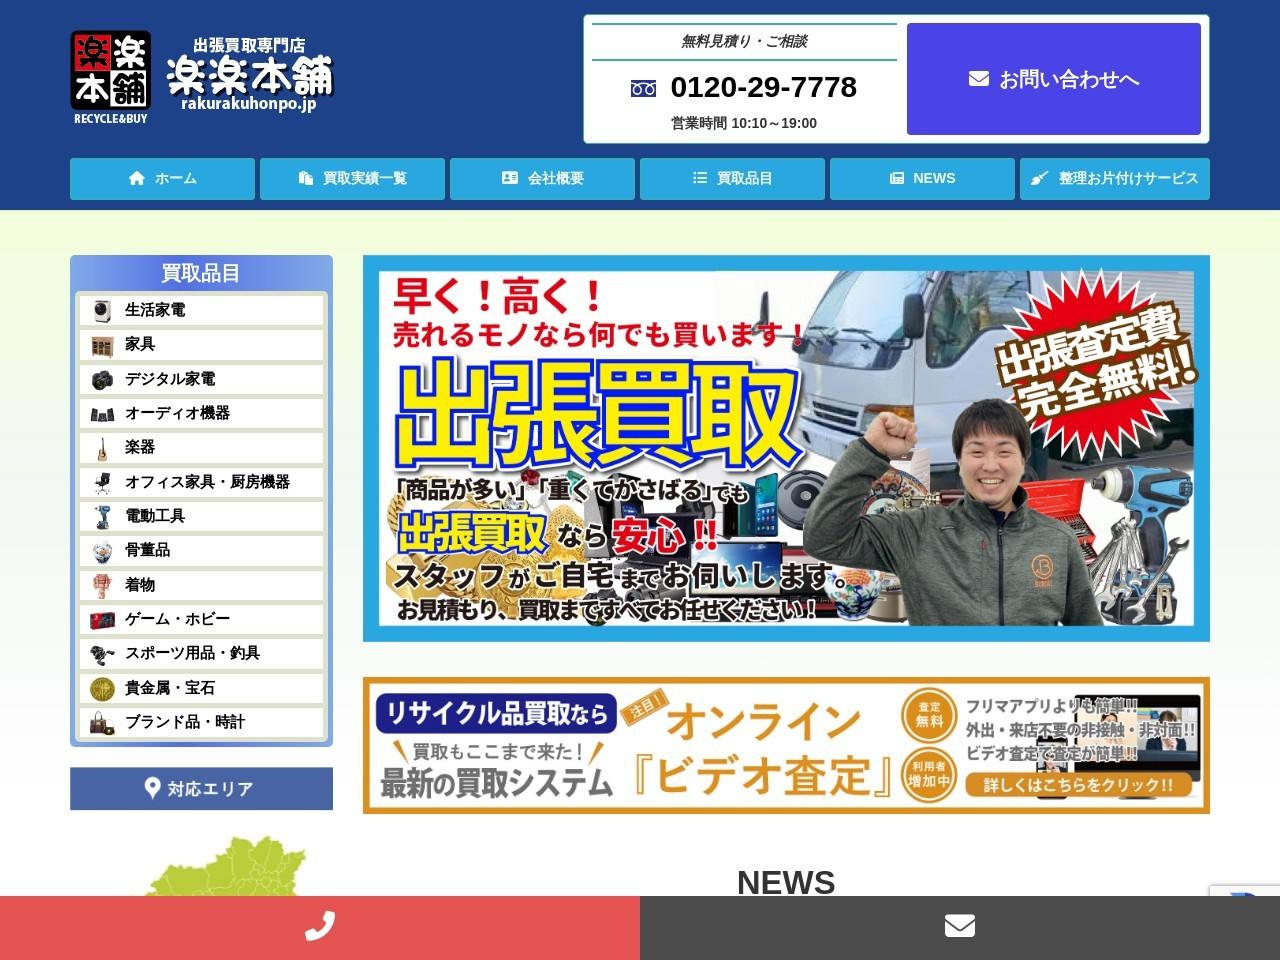 倉敷・福山・広島・岡山の不用品回収 見積無料の楽楽本舗